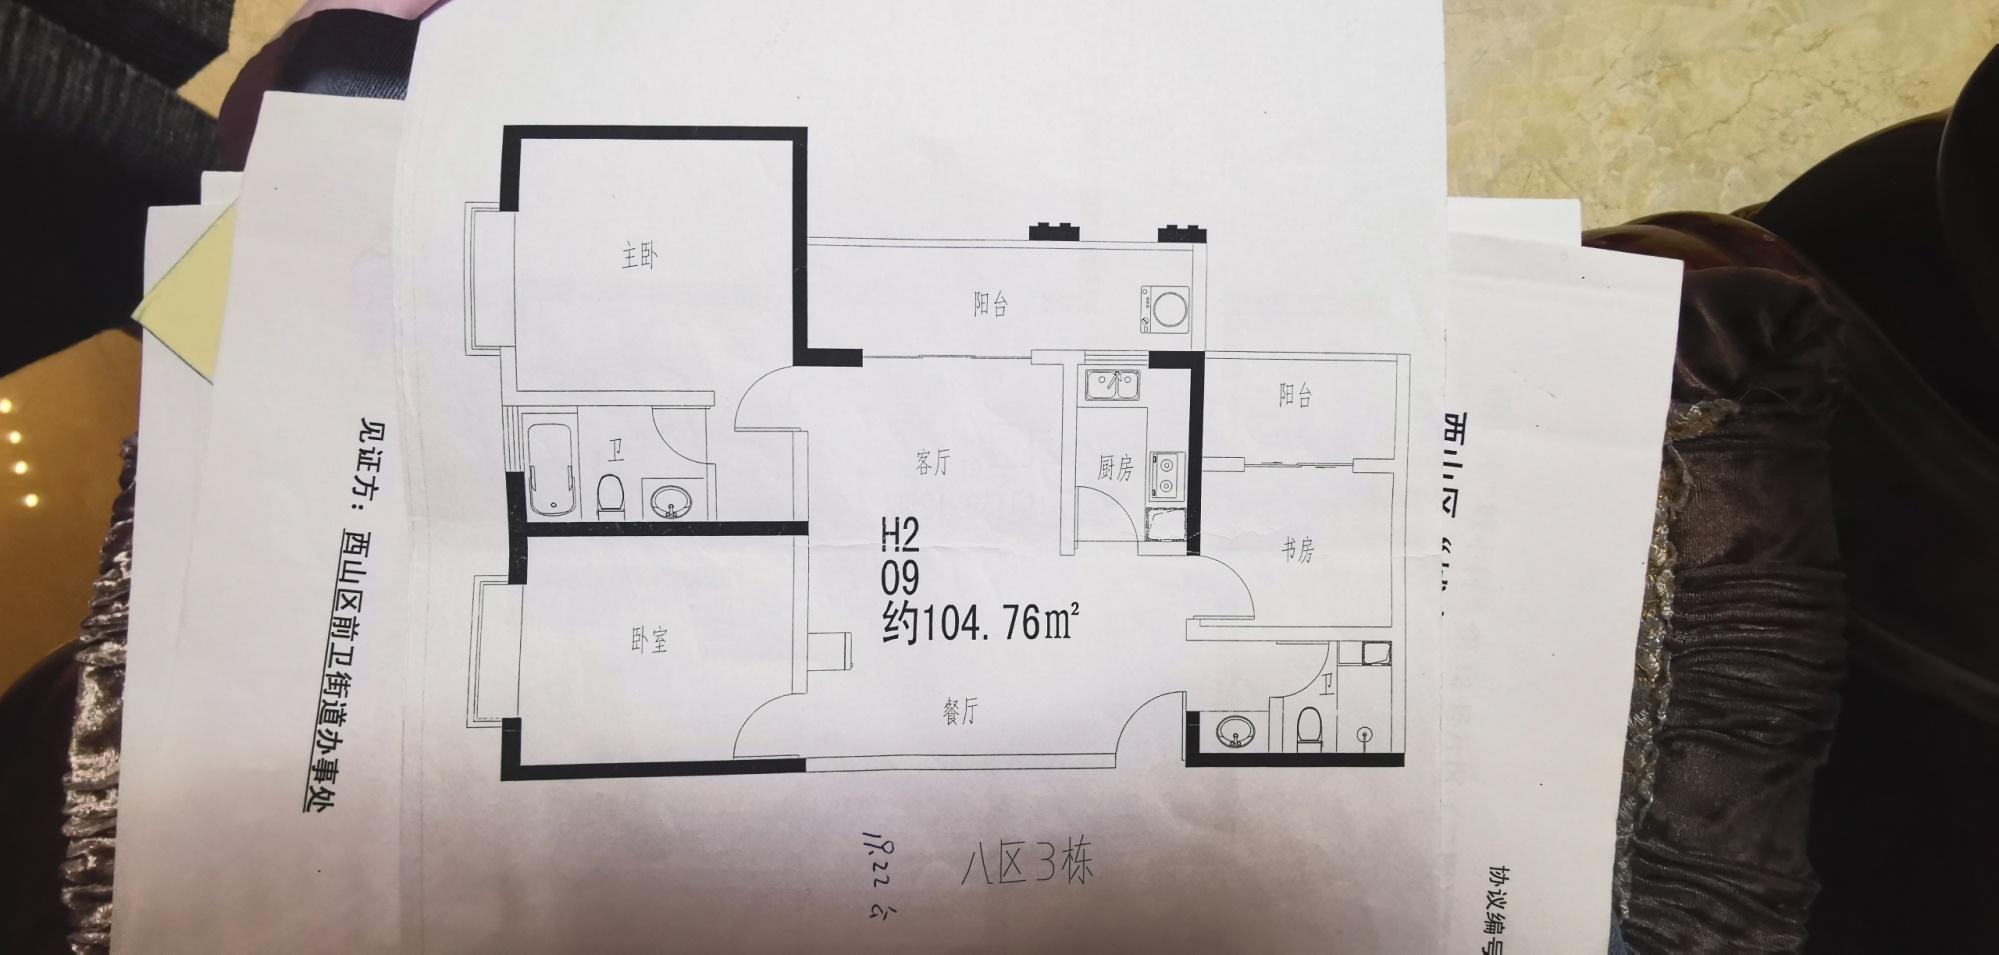 如何规划空间布局